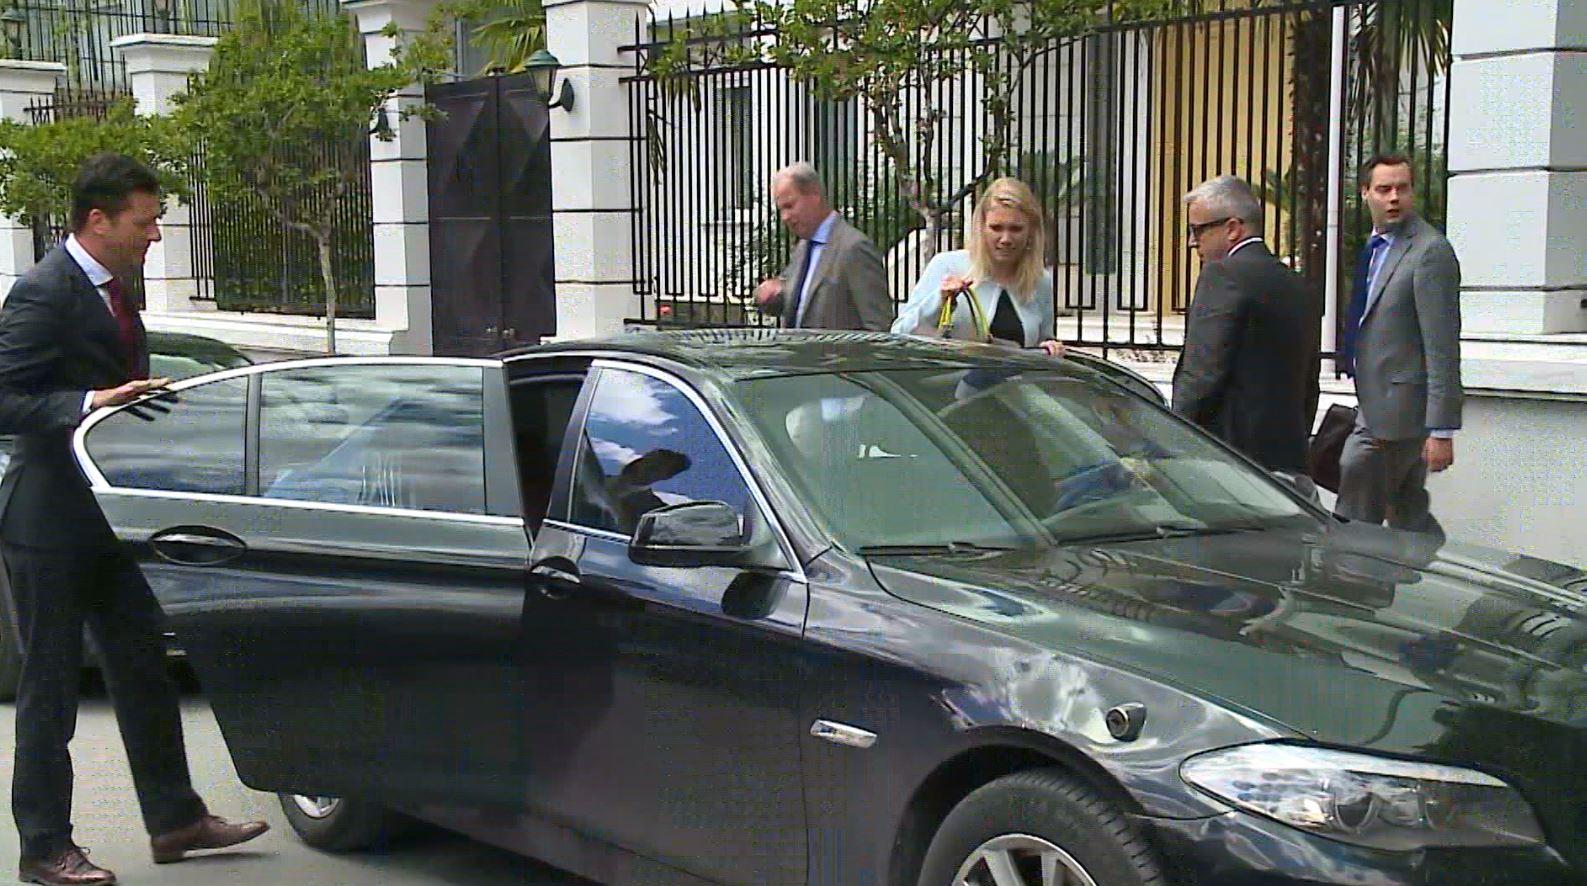 Reagon Ambasada Holandeze: Shqipëria duhet të intensifikojë përpjekjet për të luftuar krimin